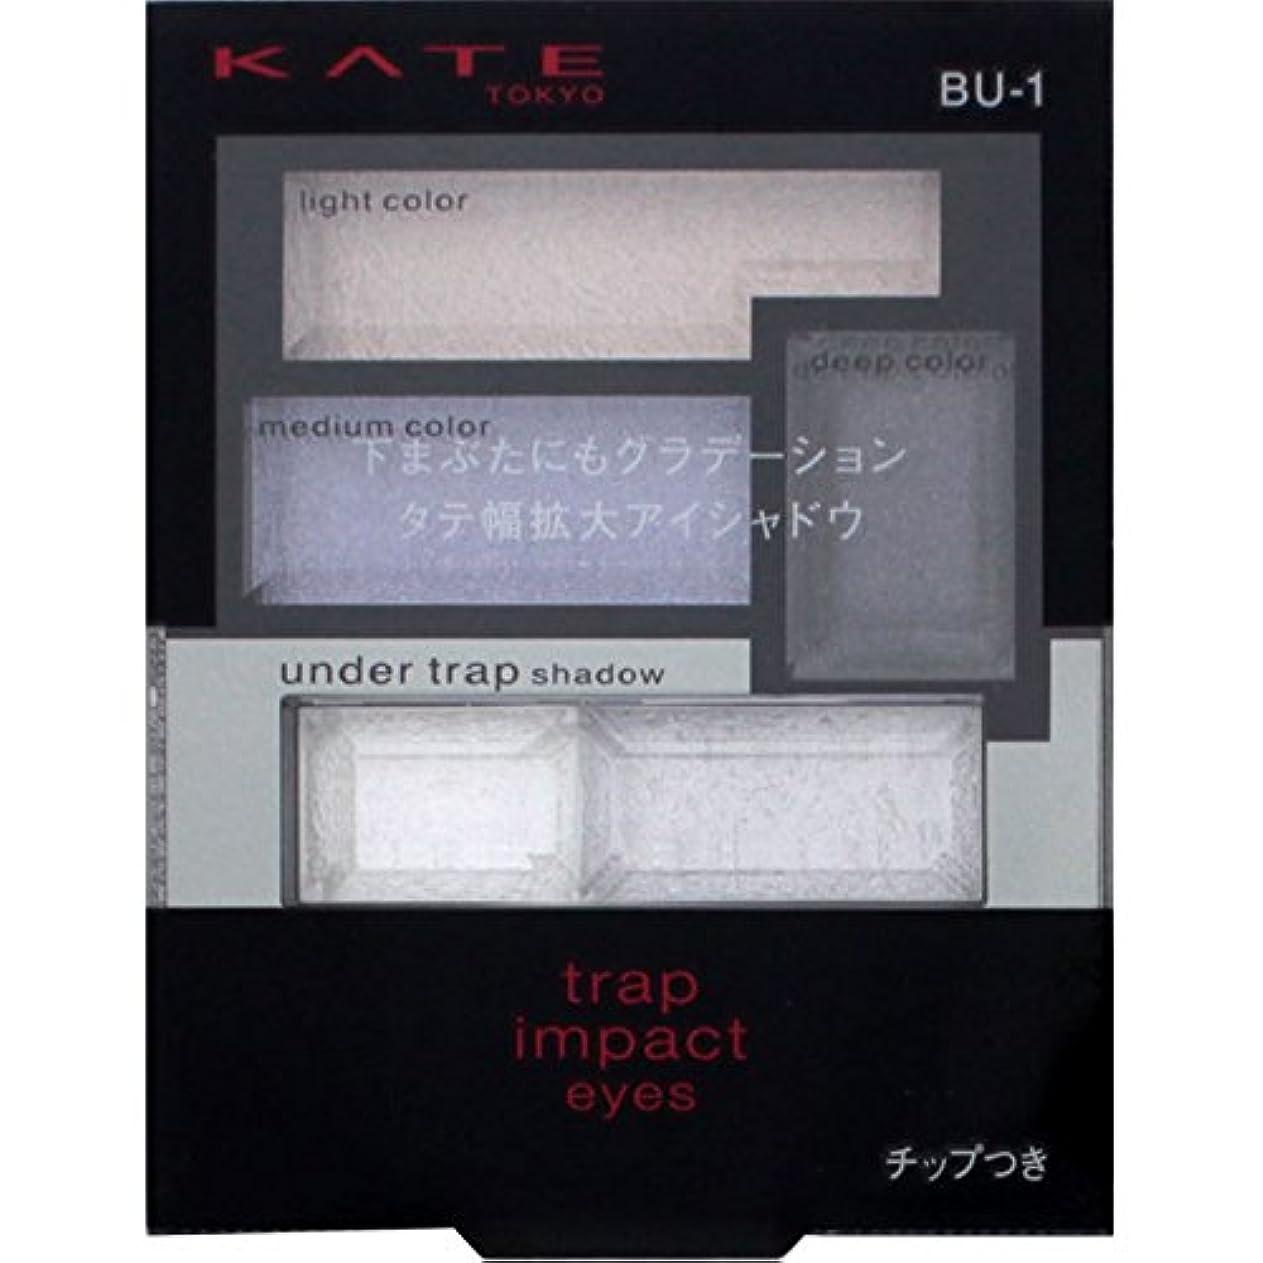 アニメーションシールアクティビティカネボウ ケイト トラップインパクトアイズ BU-1